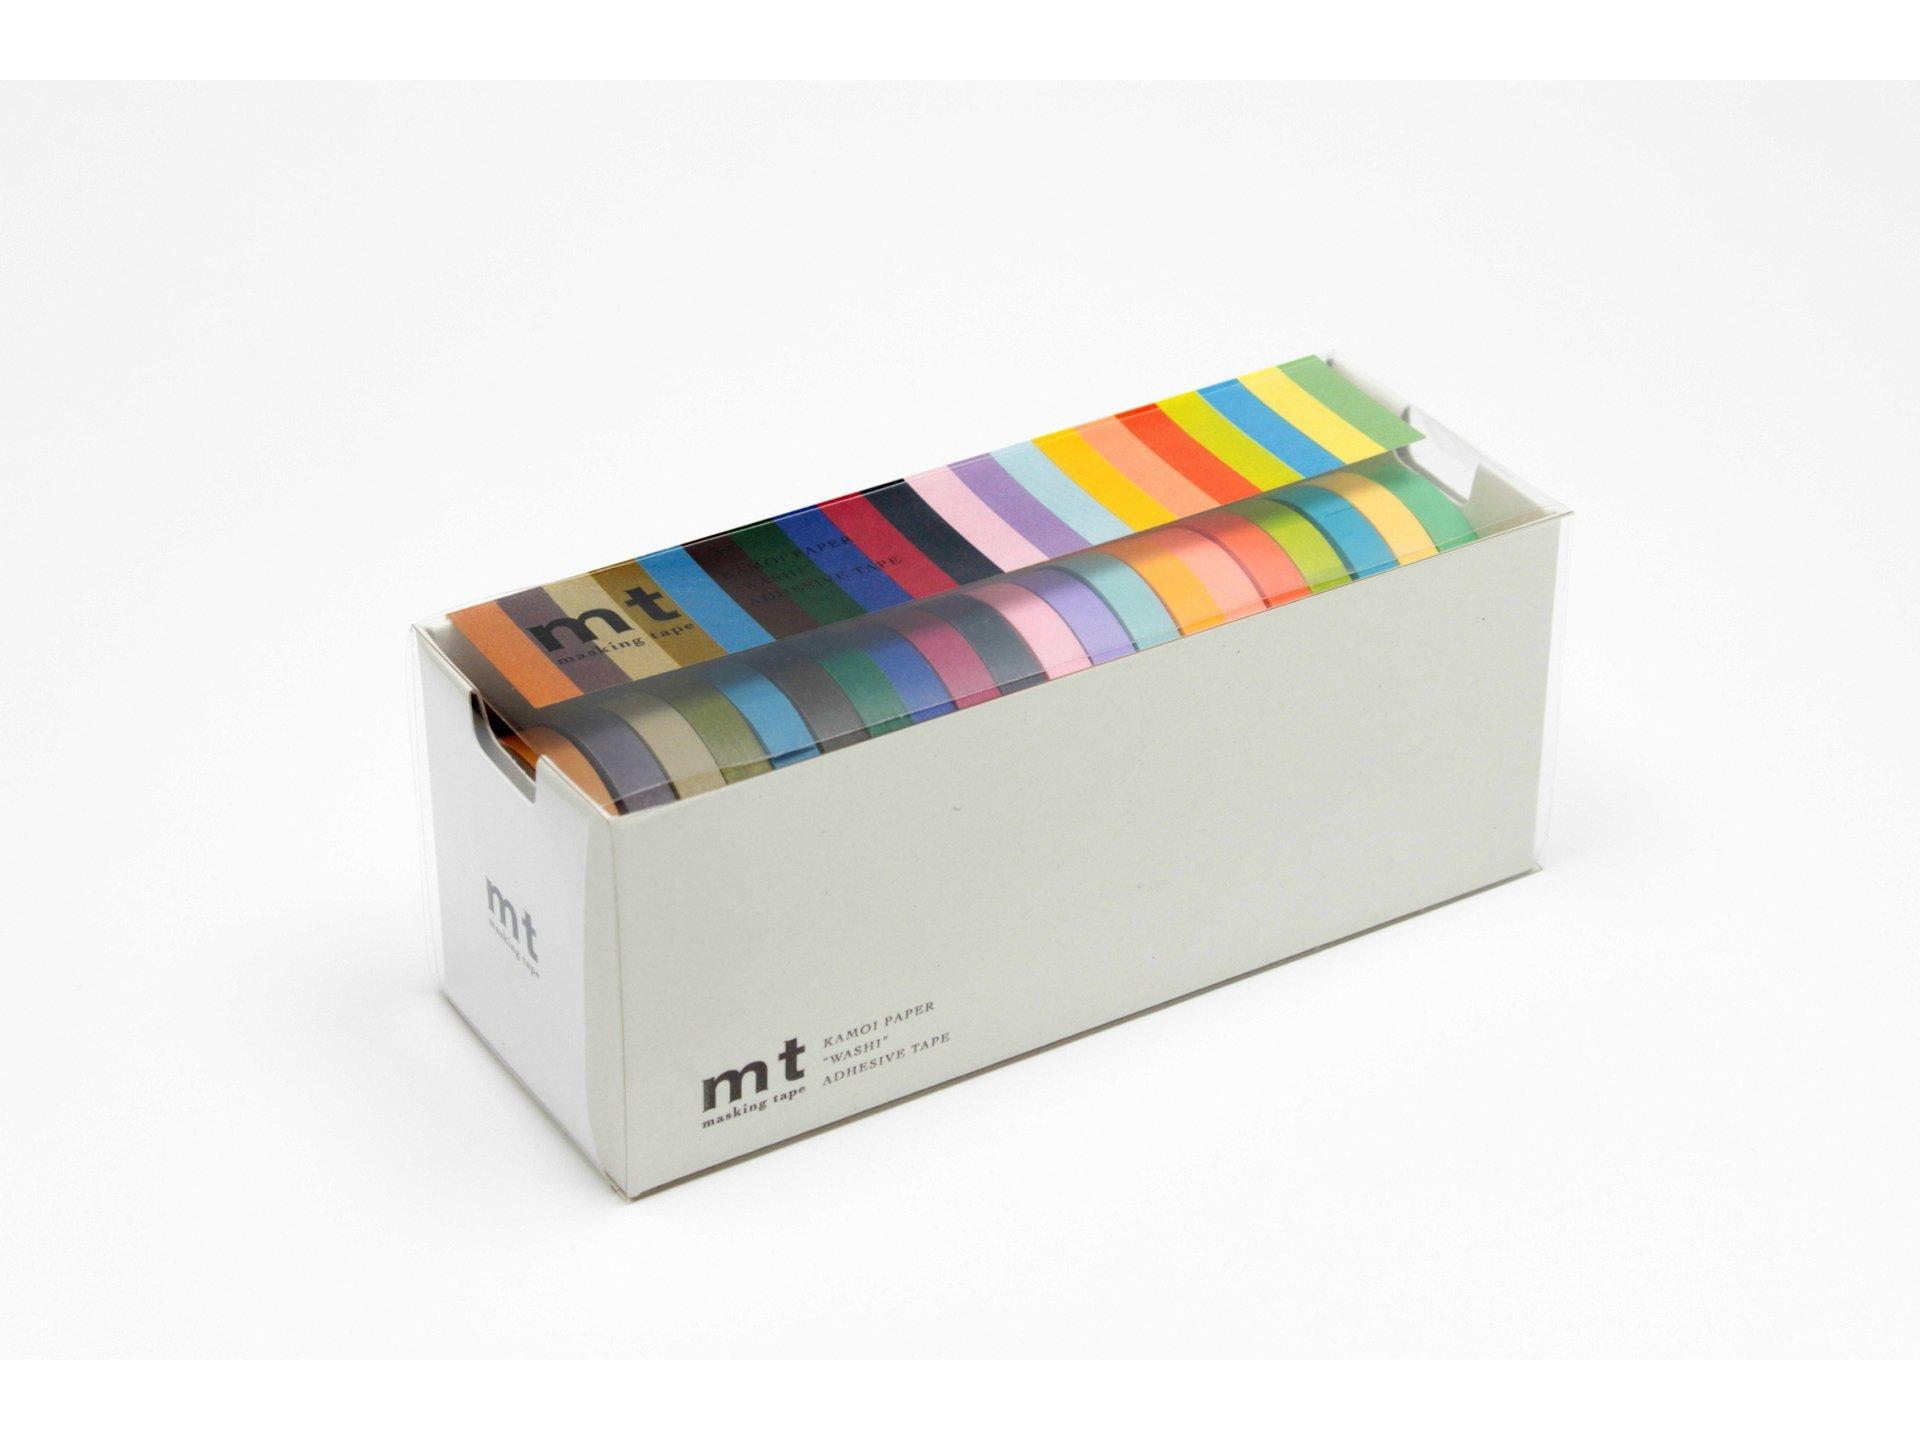 Mt Masking Tape, Washi Klebeband uni, 20er-Set